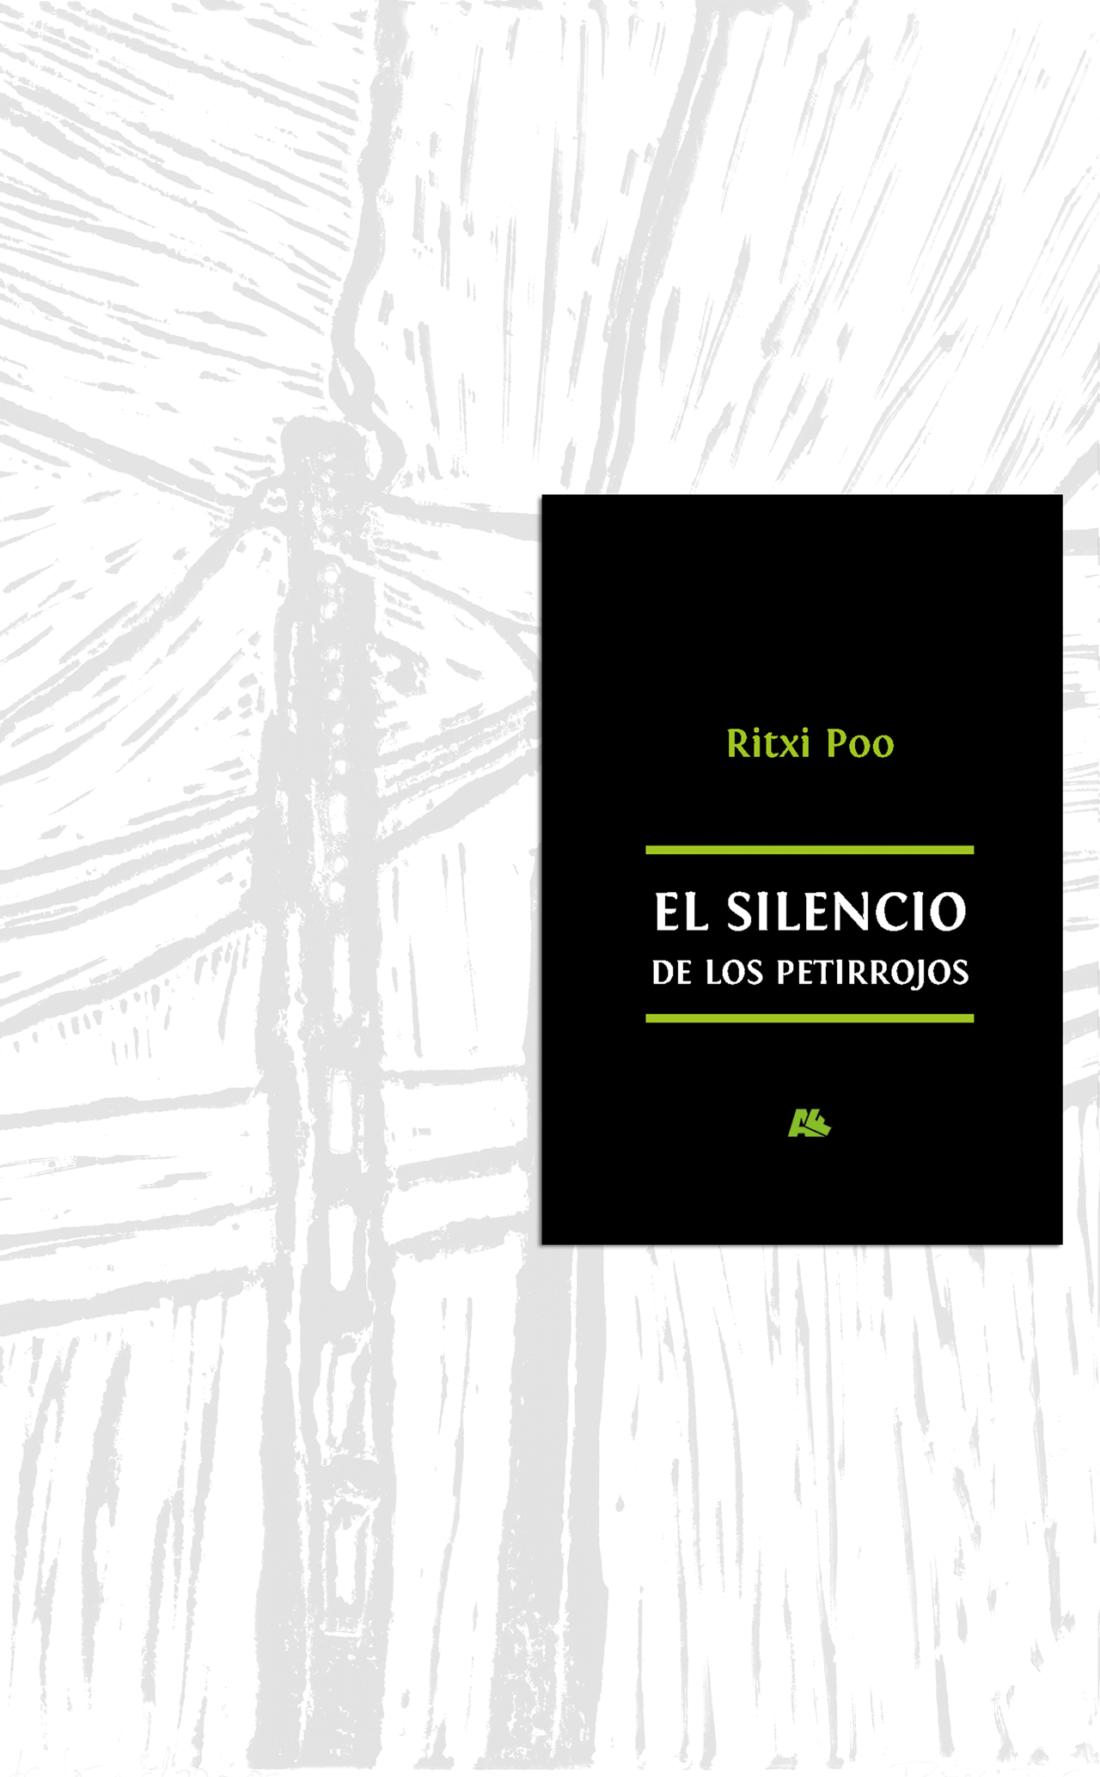 El silencio de los petirrojos, de Ritxi Poo